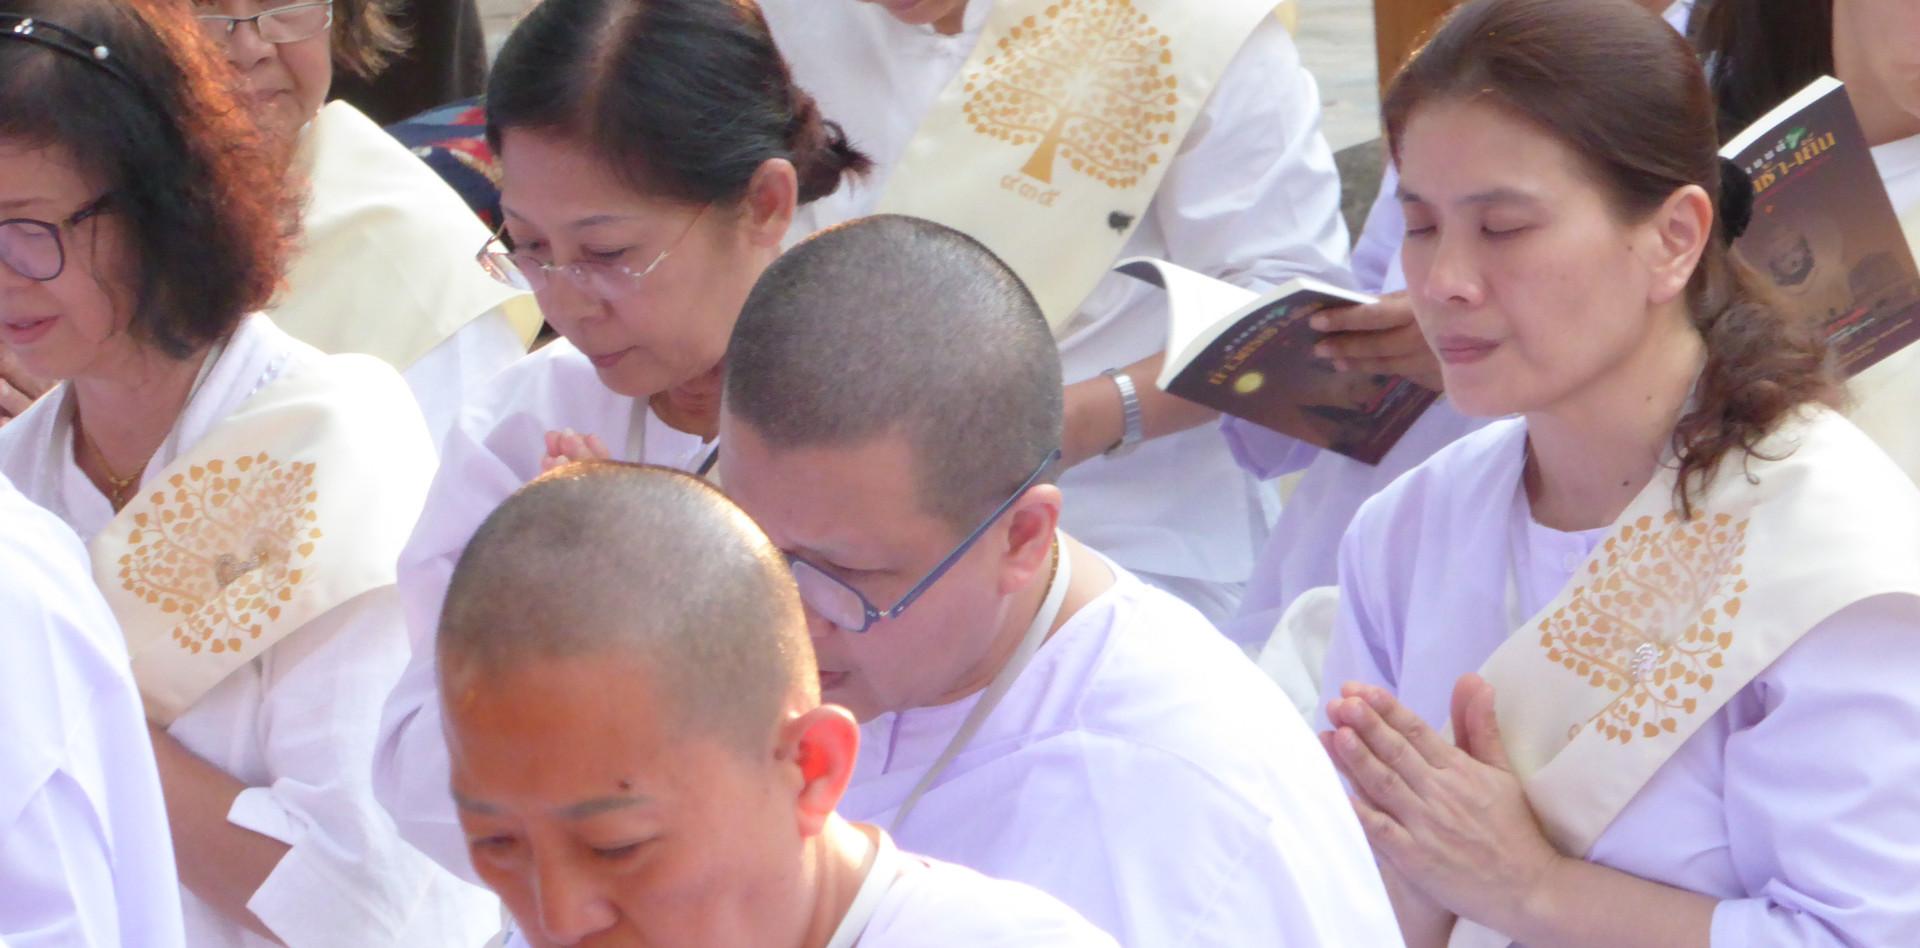 Thai buddhist women praying under the Bodhi Tree